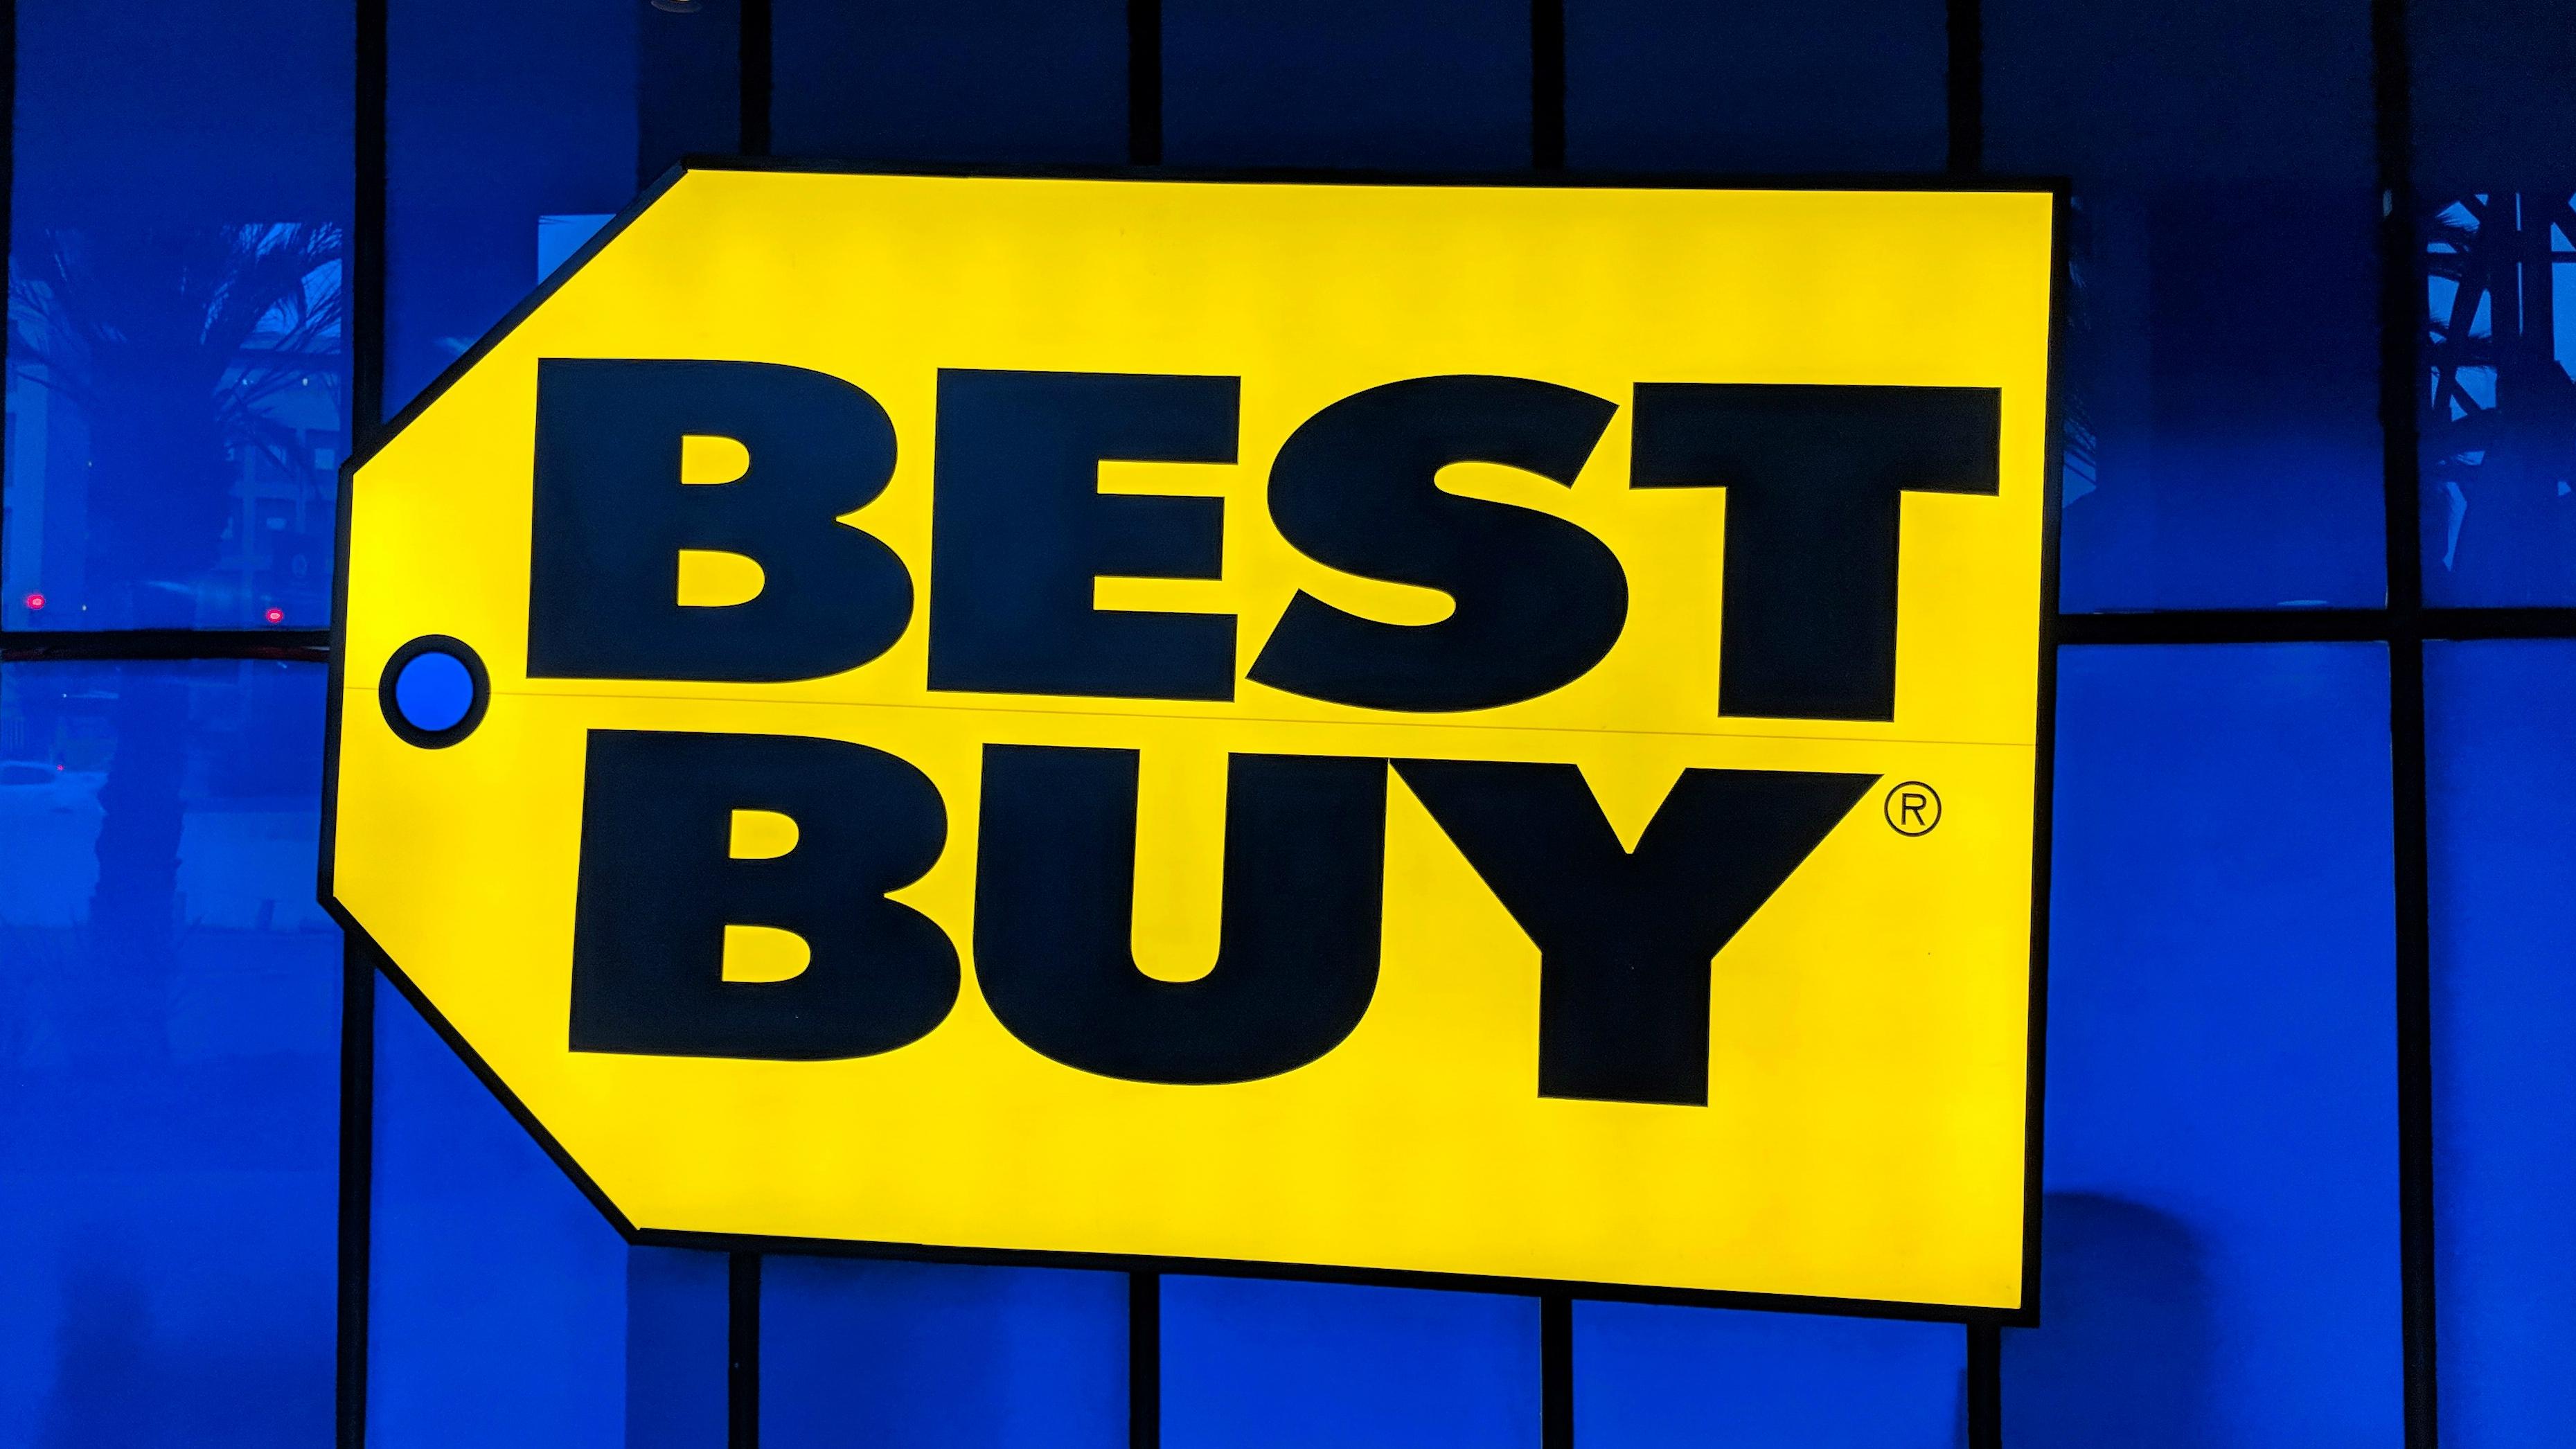 Christmas Bestbuy Laptop 2020 Deals Best Buy Memorial Day Sale 2020: best deals on TVs, appliances